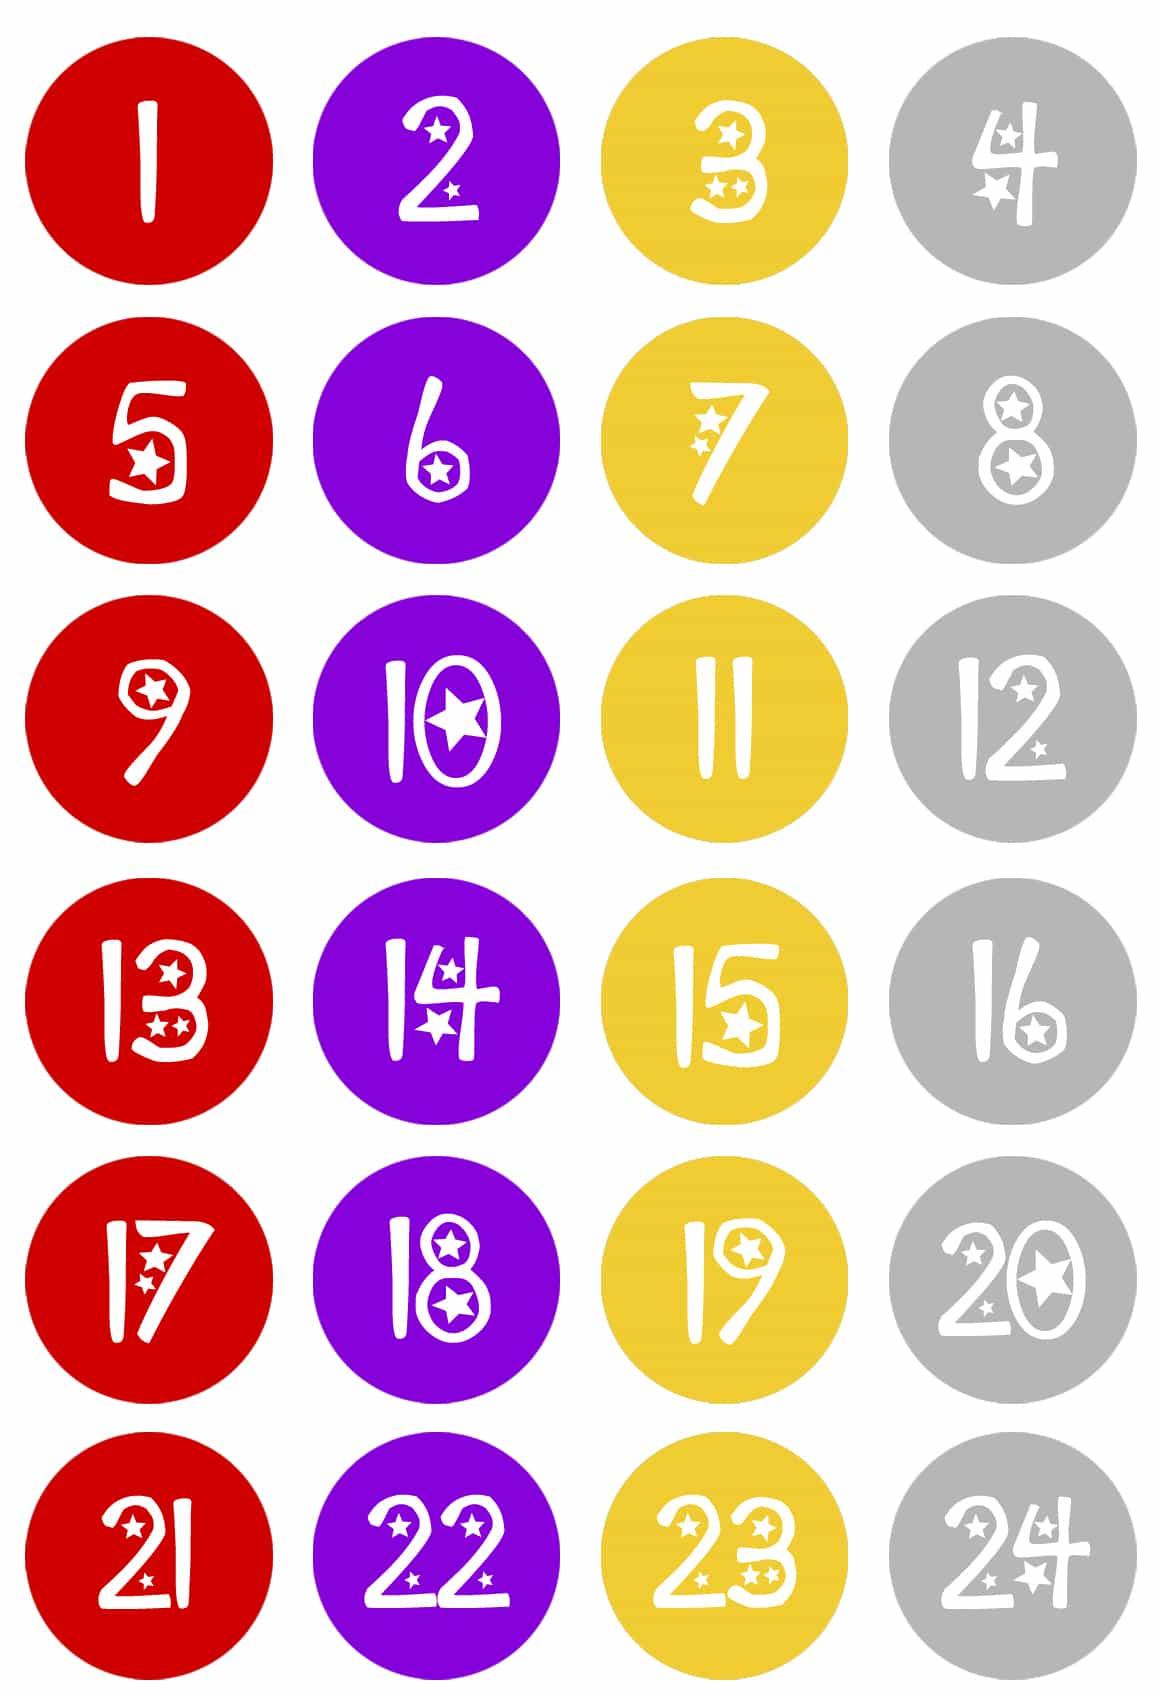 Hersheys christmas calendar countdown numbers